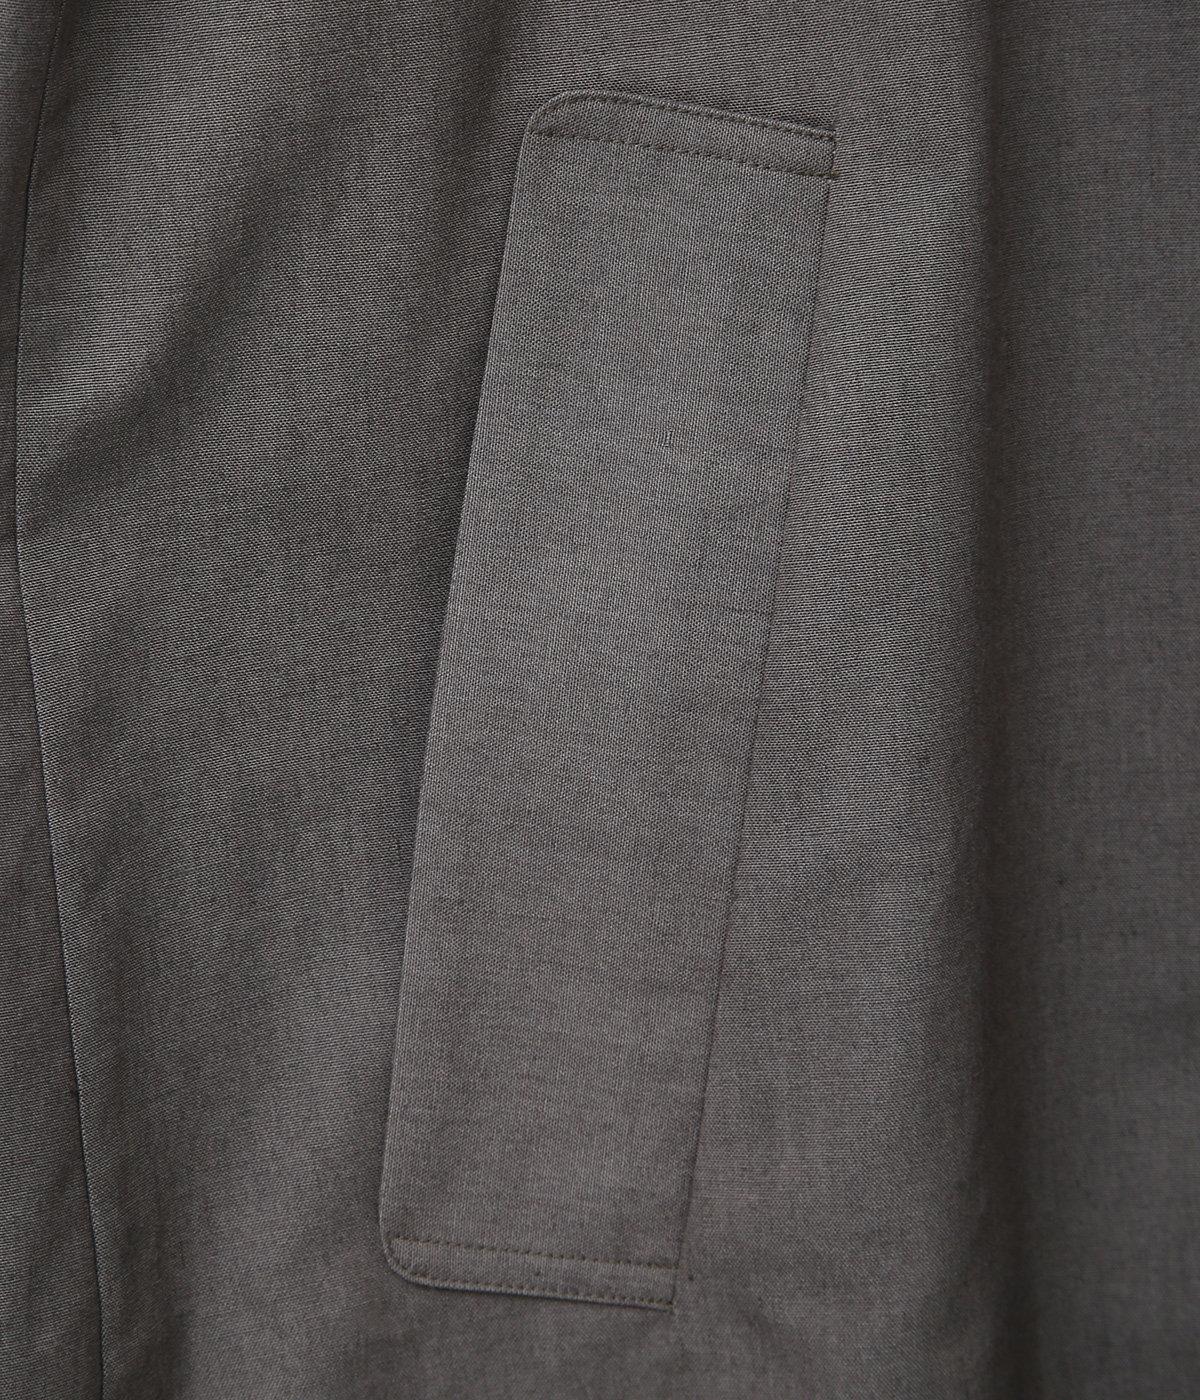 ステンカラーコート スタンダード - 10552 -